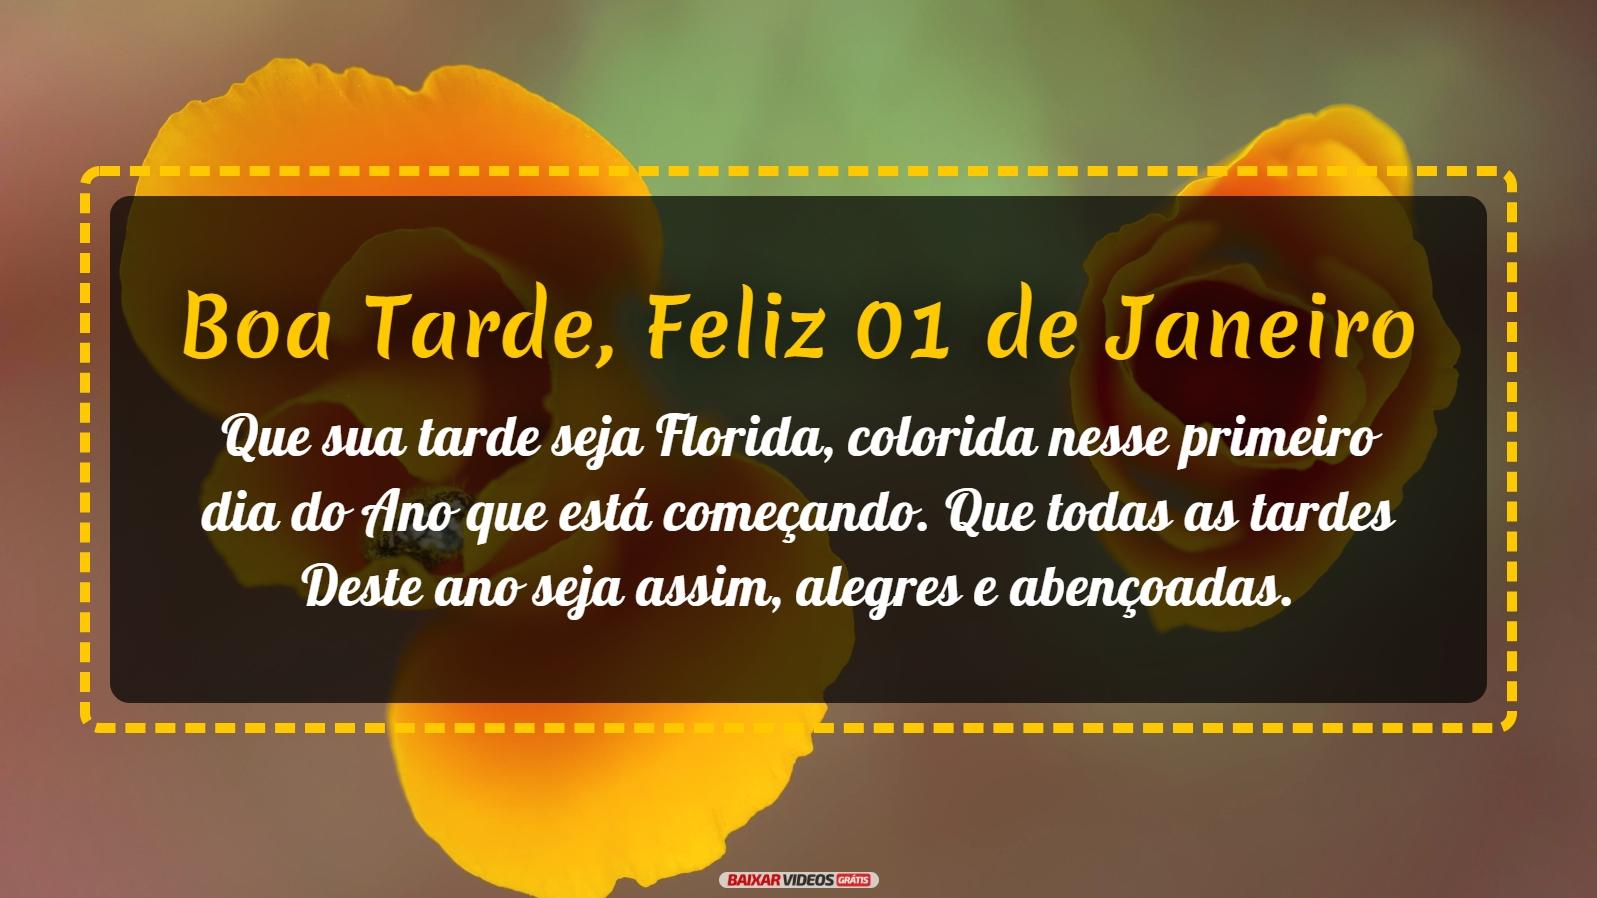 Que sua tarde seja Florida, colorida nesse primeiro dia do Ano que está começando. Que todas as tardes Deste ano seja assim, alegres e abençoadas.